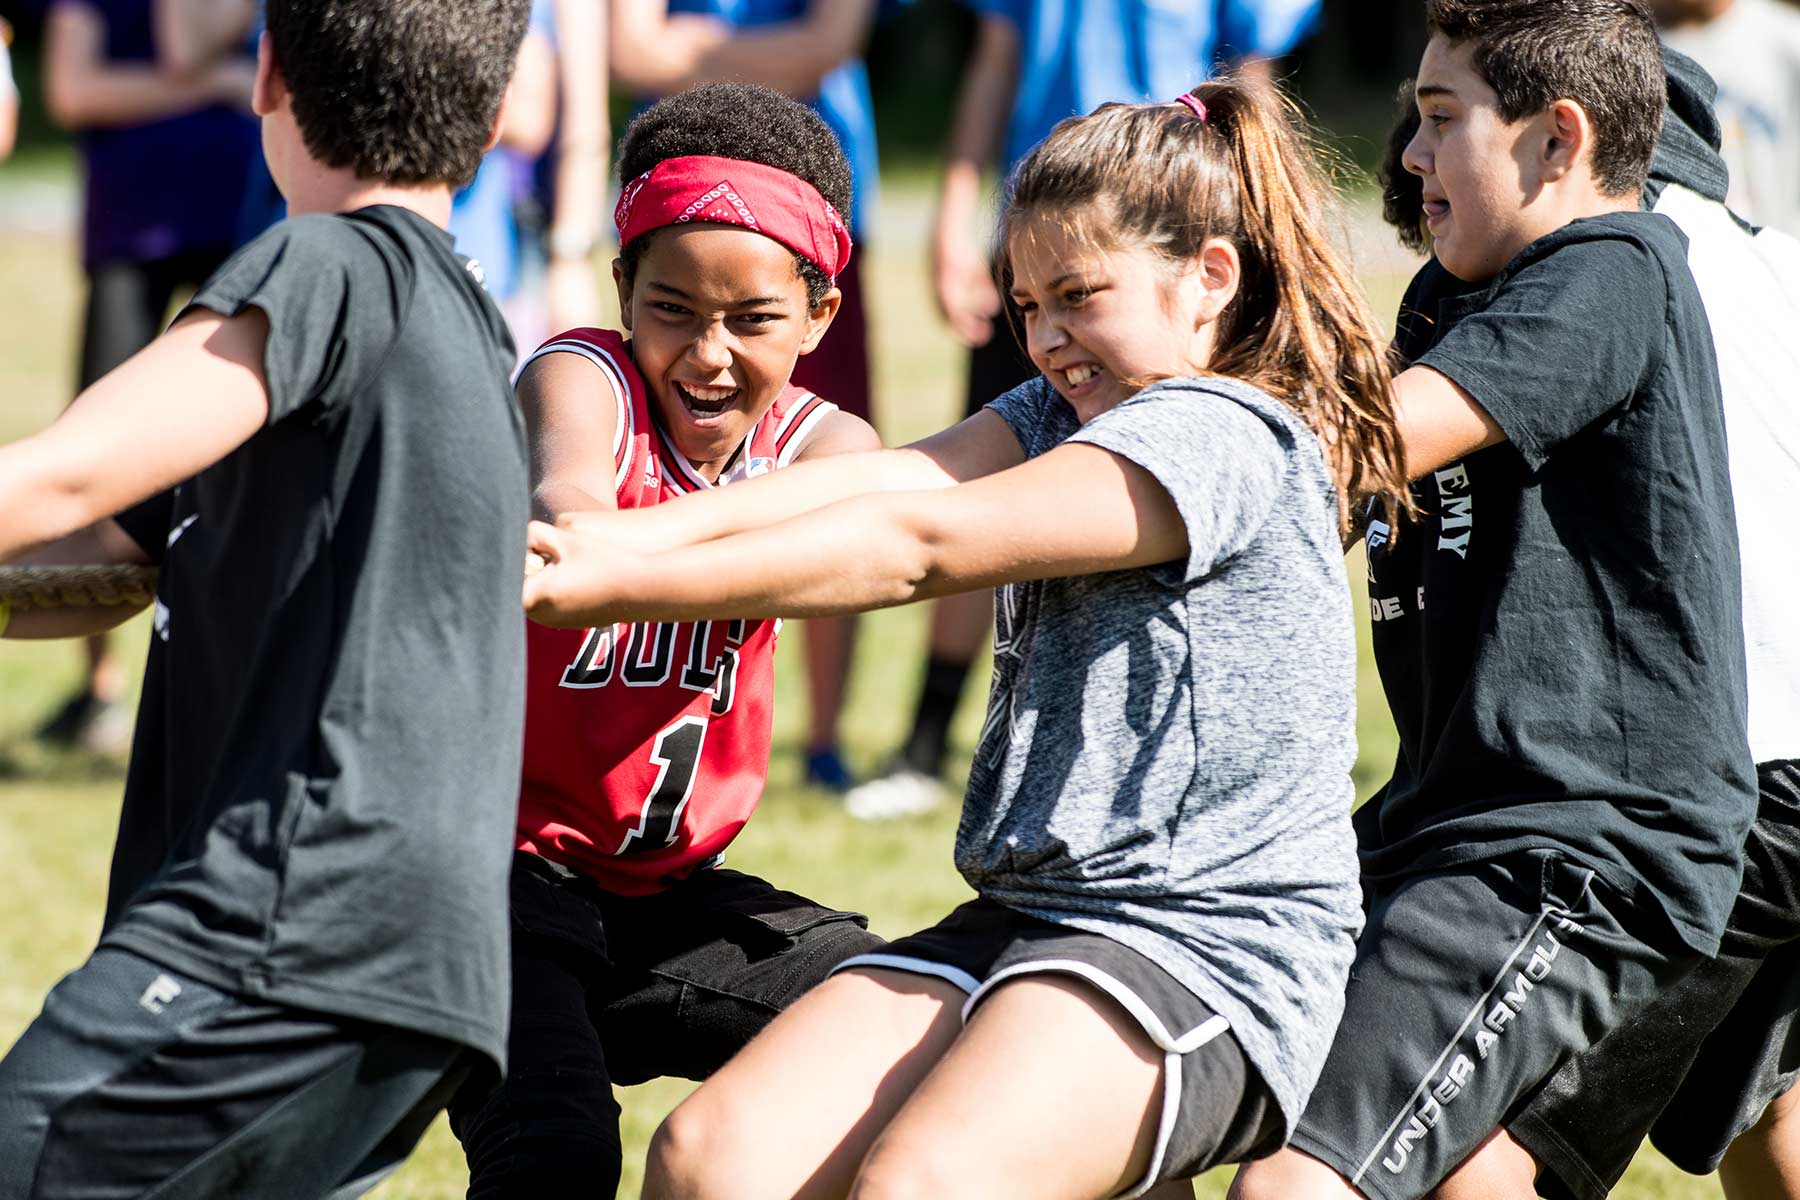 games at Camp Ramsbottom